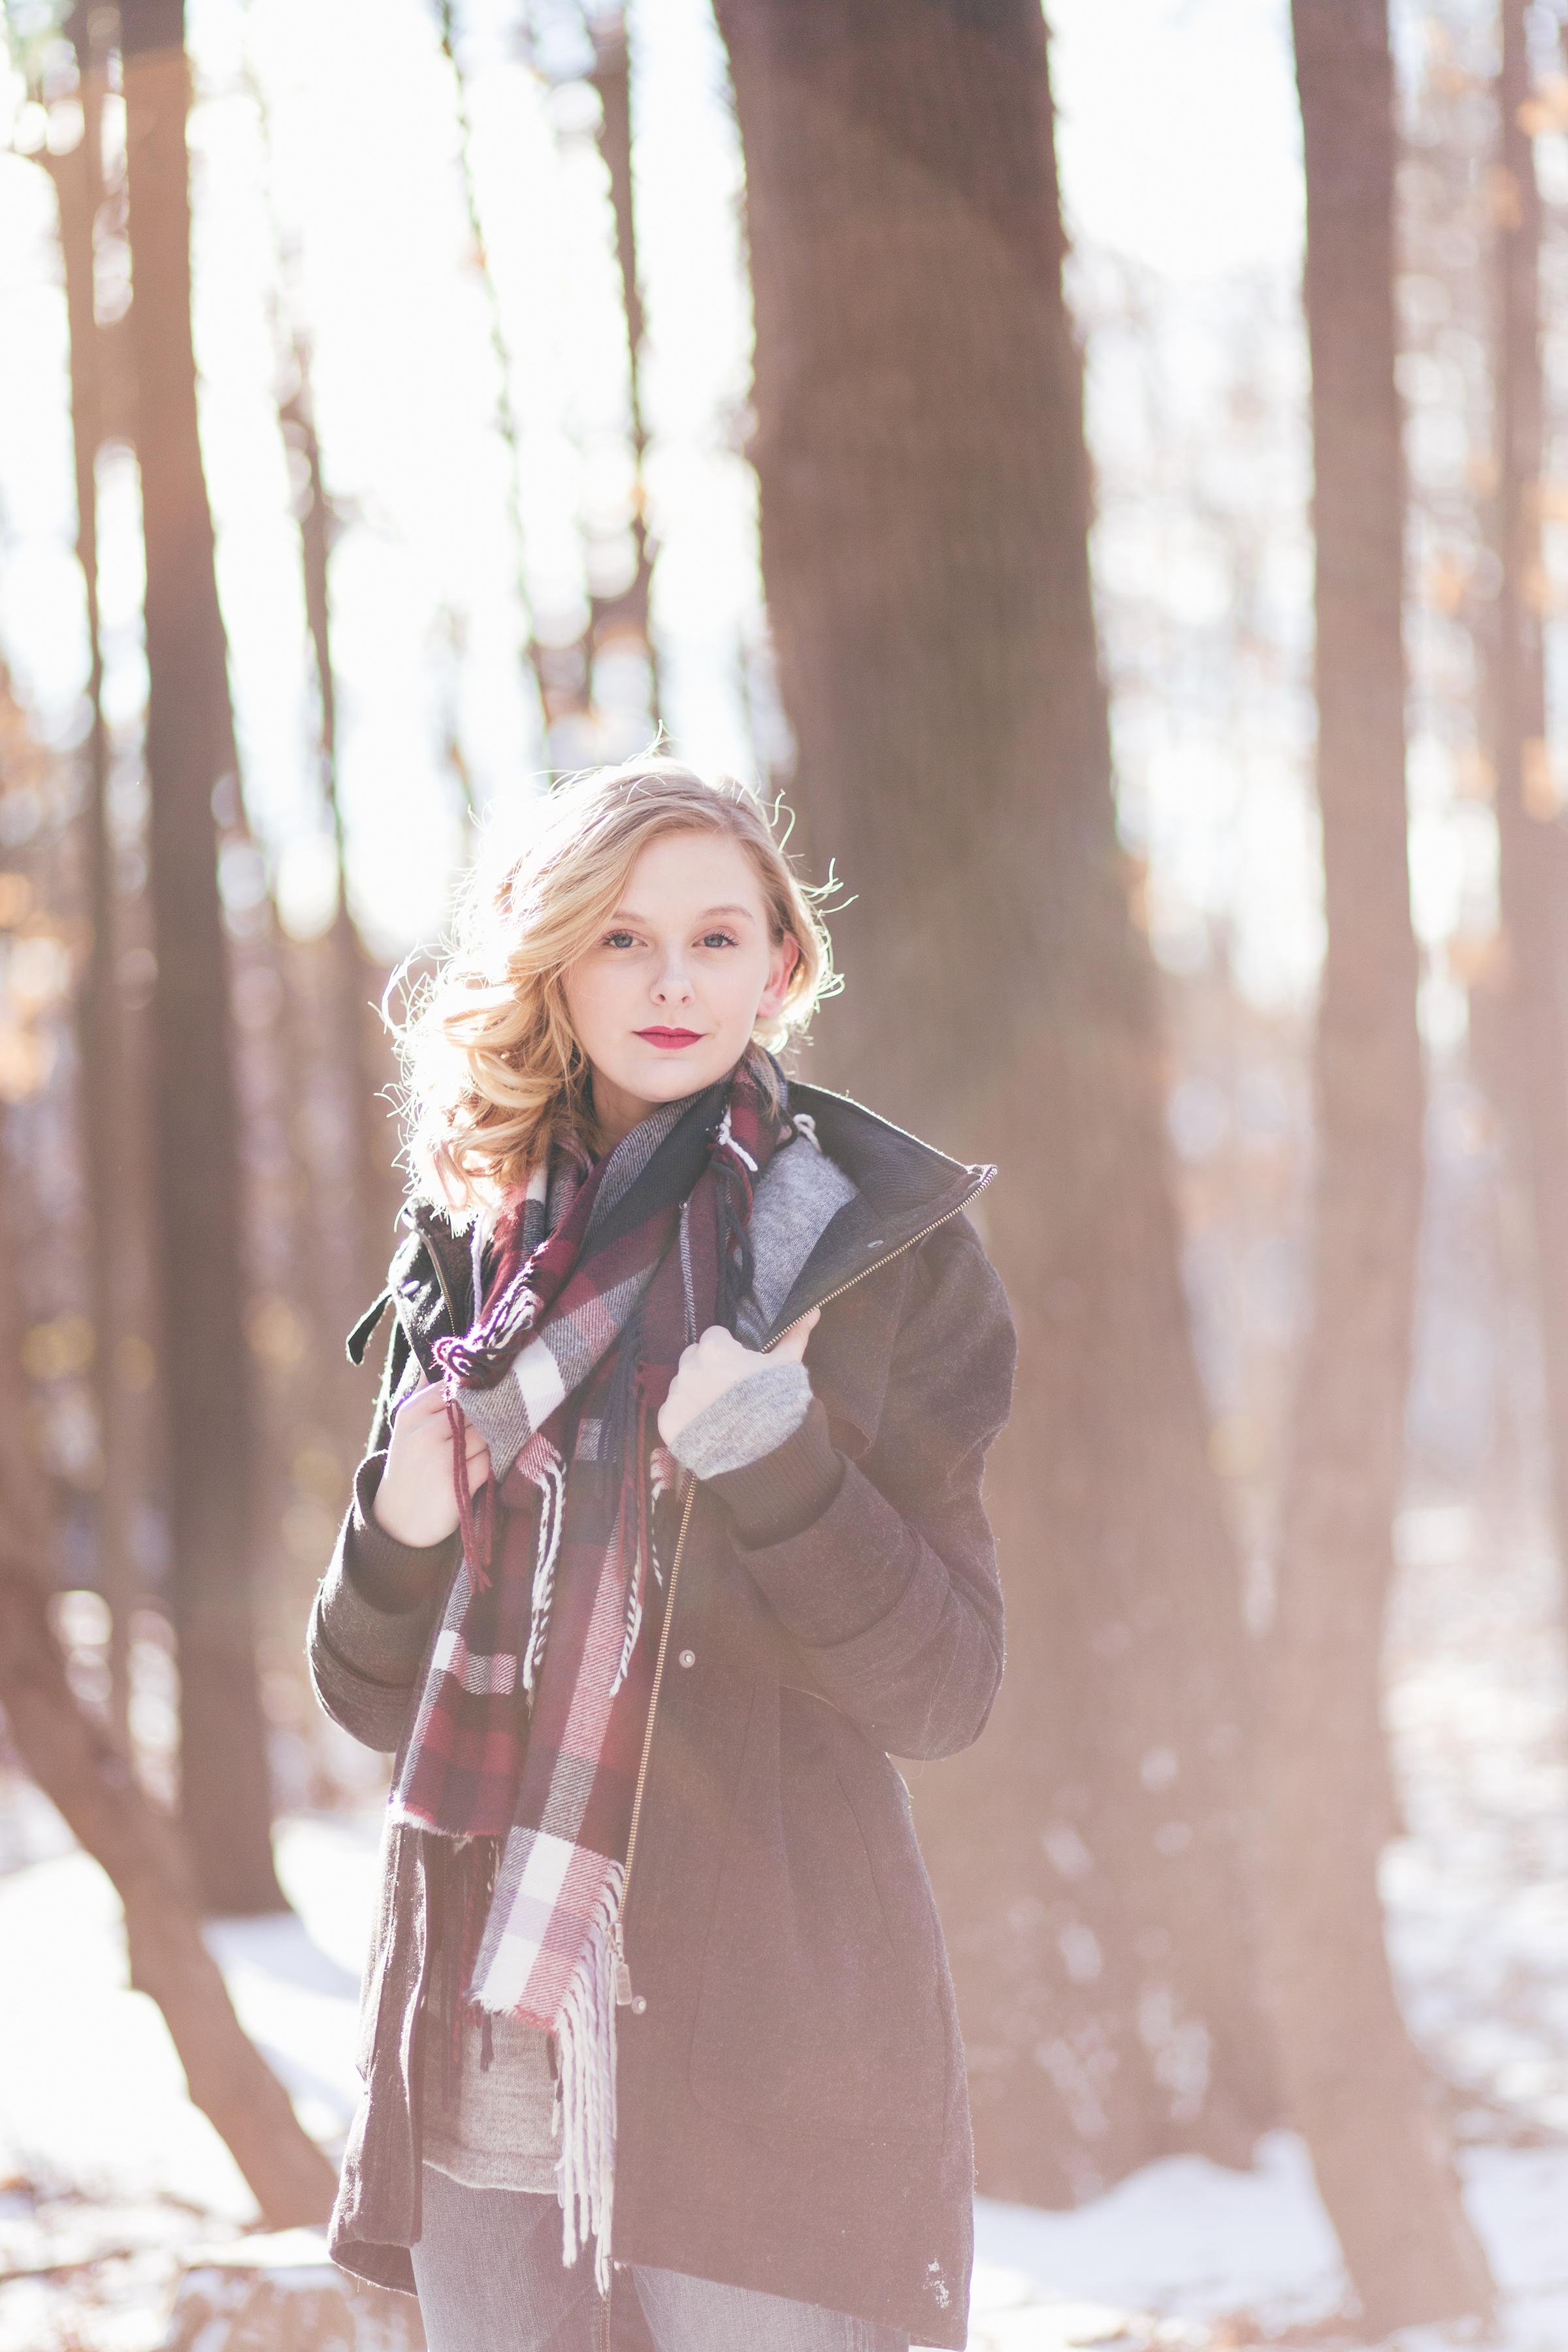 Sprazzi_Professional_Photography_Photographer_Toronto_Canada_Brian_Original_31.jpg